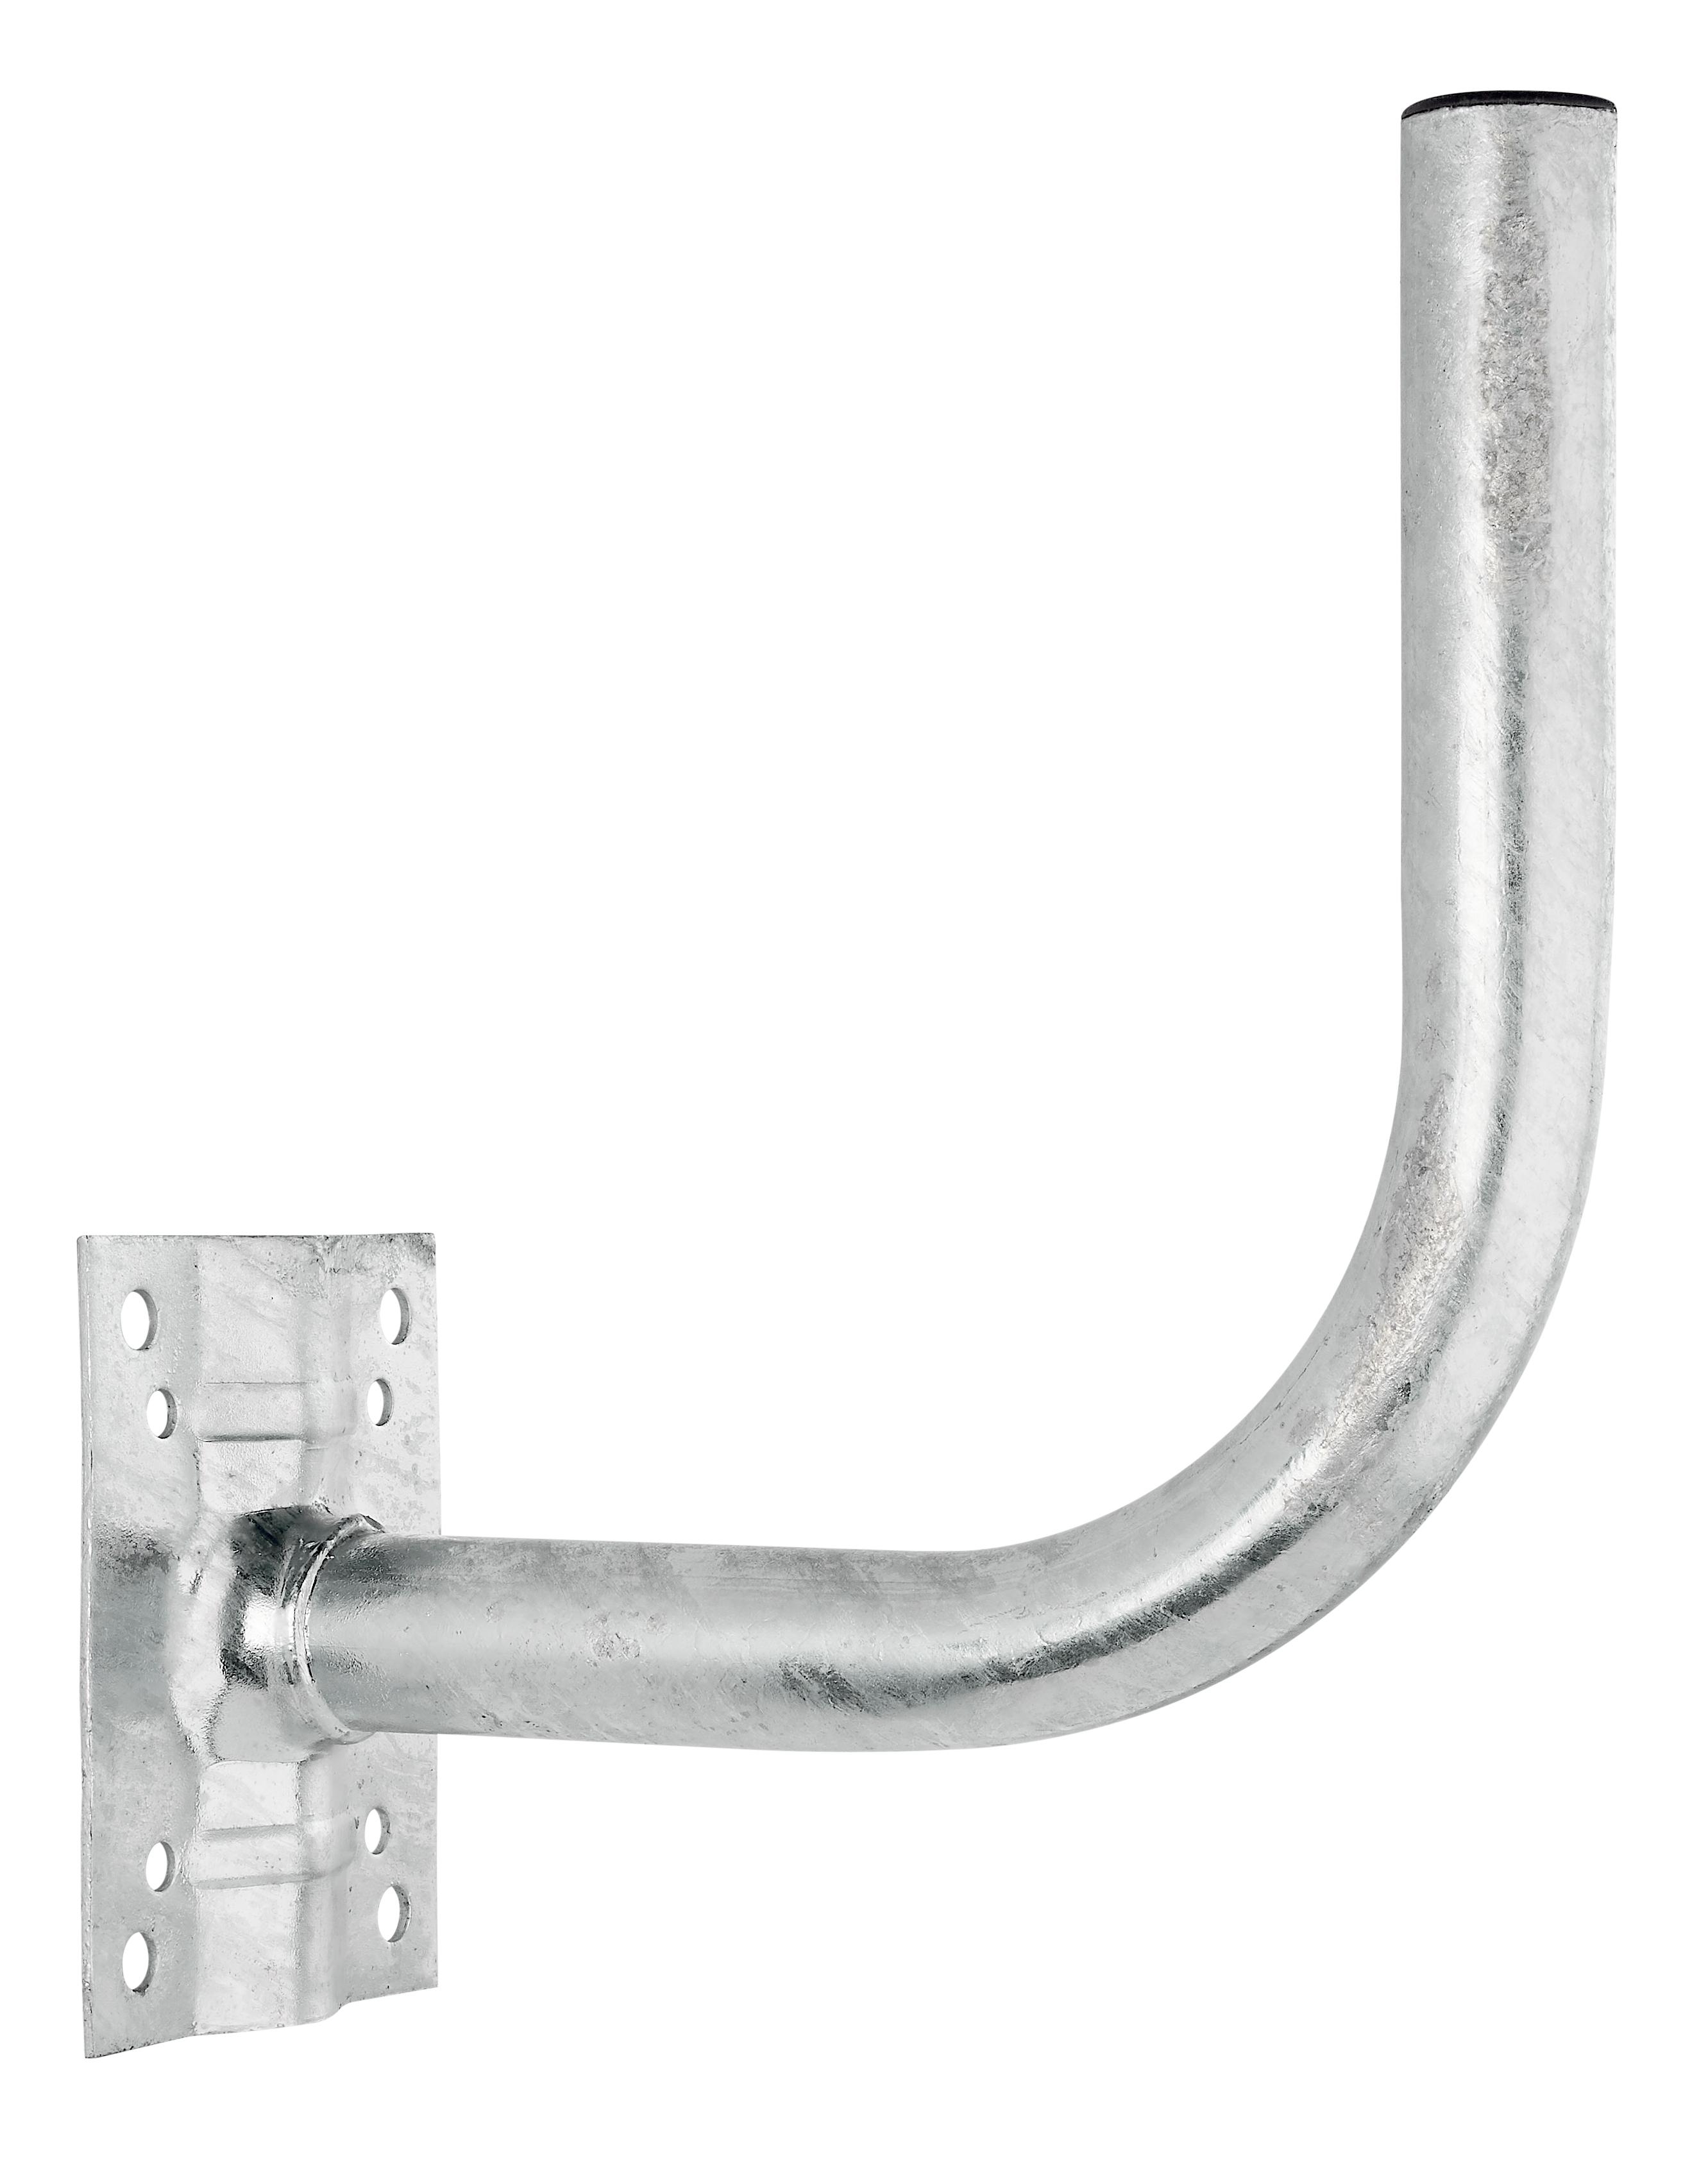 1 Stk SAT Wandhalter,Wandabst.=260,H=270,DM=40mm,Stahl feuerverzin HSATMW26S-